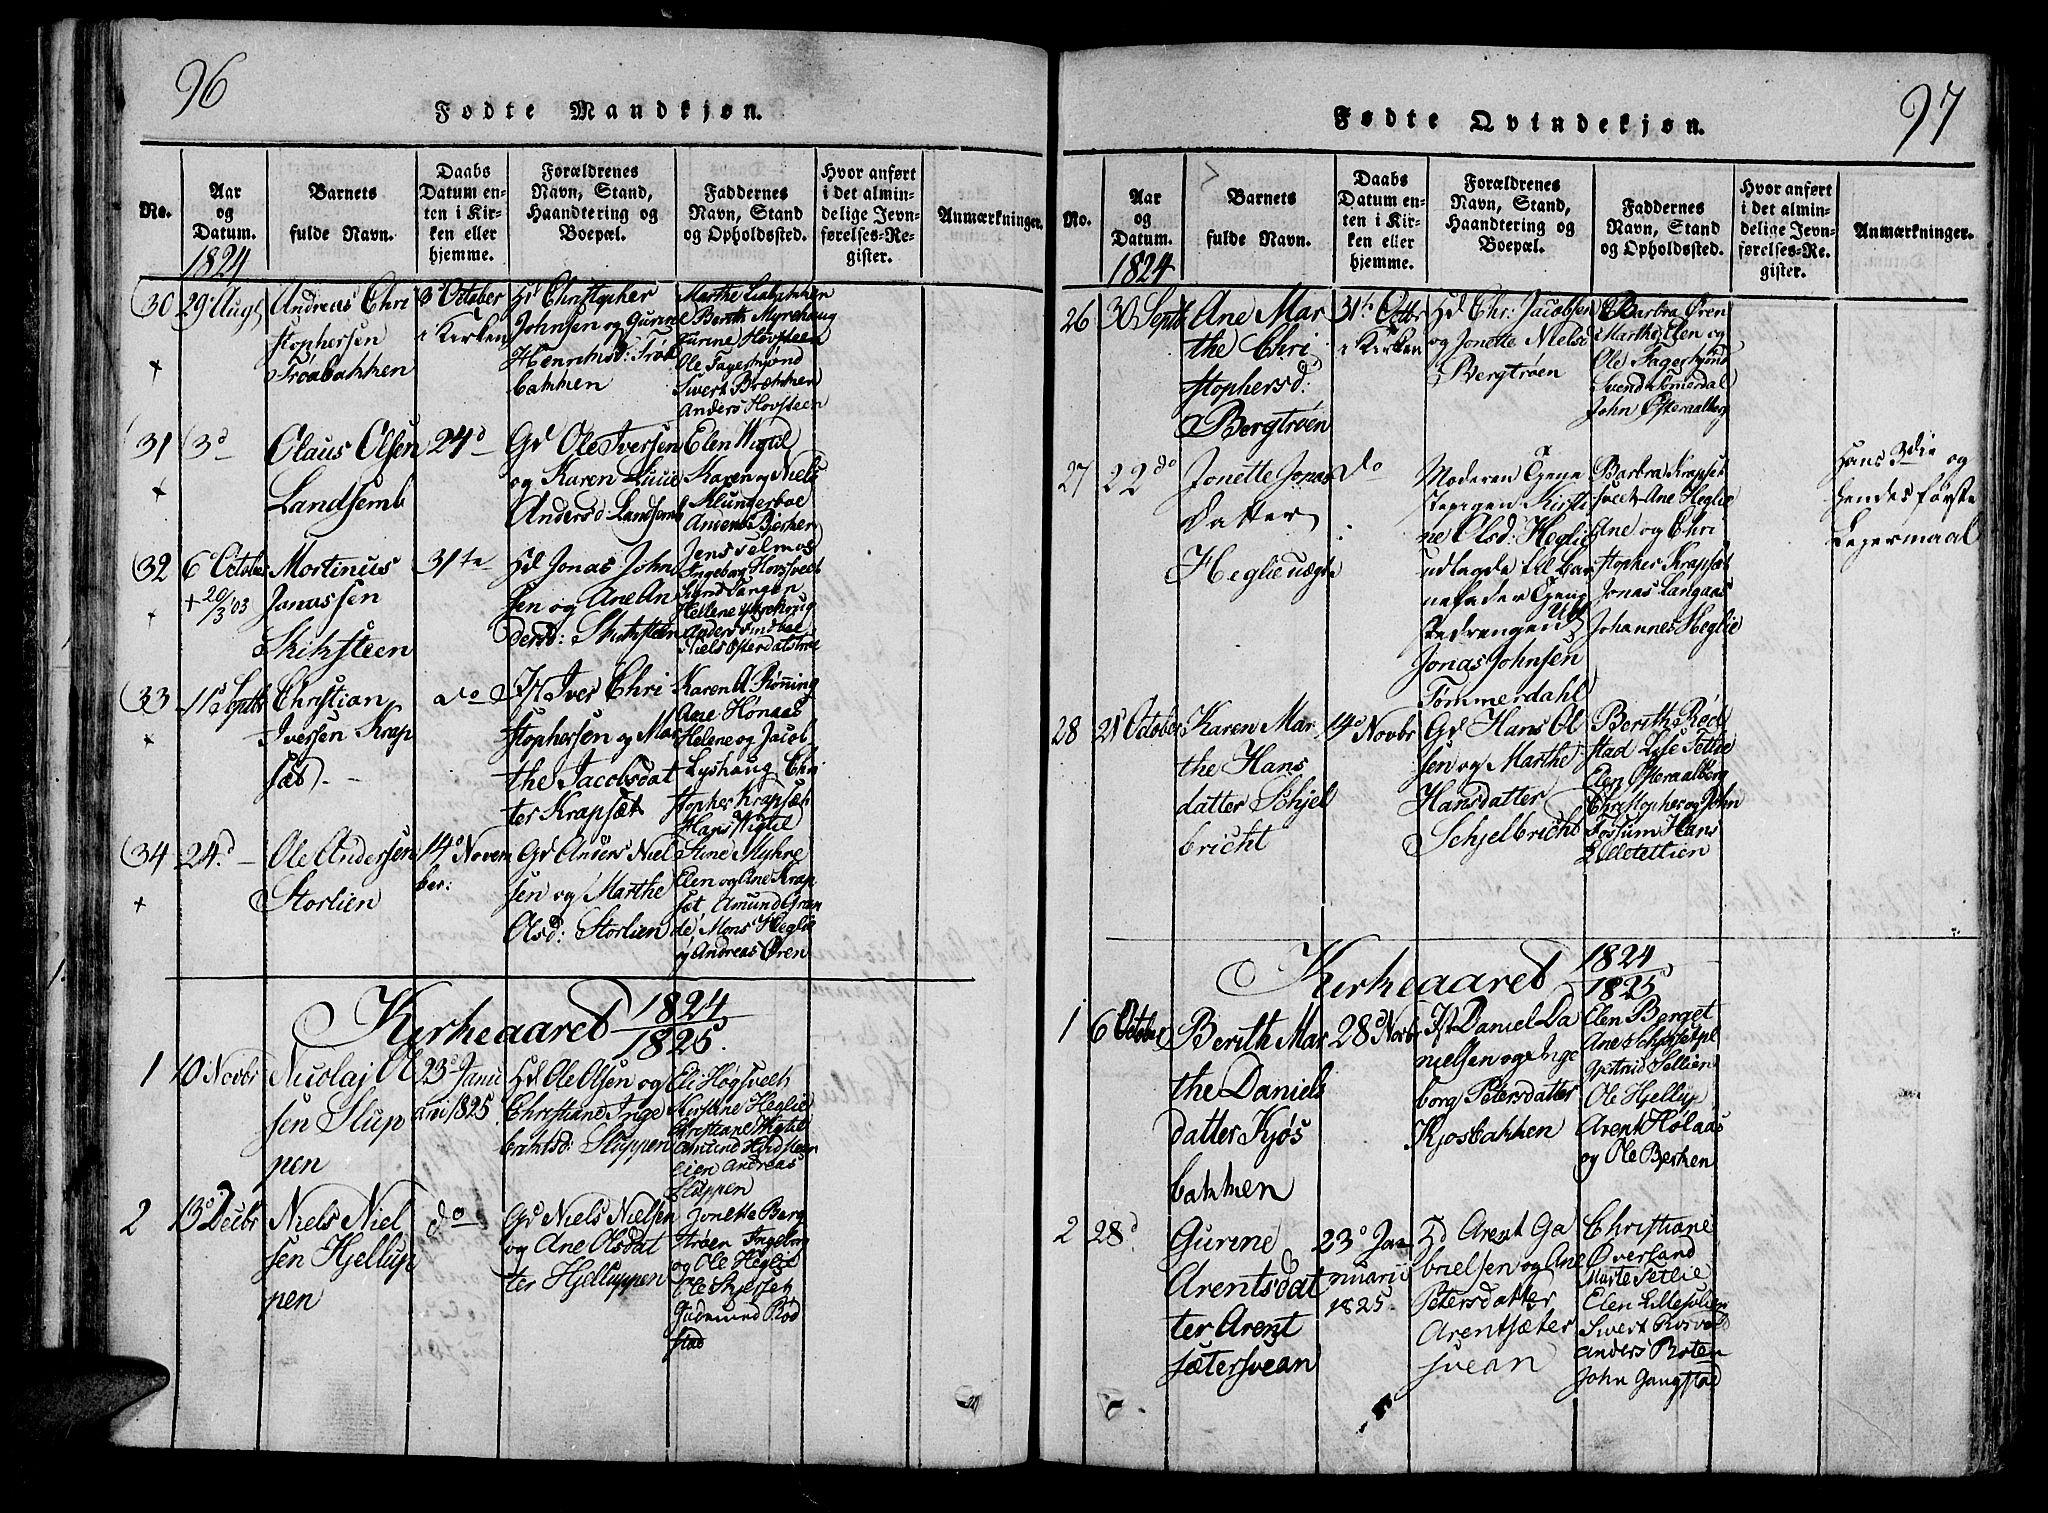 SAT, Ministerialprotokoller, klokkerbøker og fødselsregistre - Nord-Trøndelag, 701/L0005: Ministerialbok nr. 701A05 /1, 1816-1825, s. 96-97